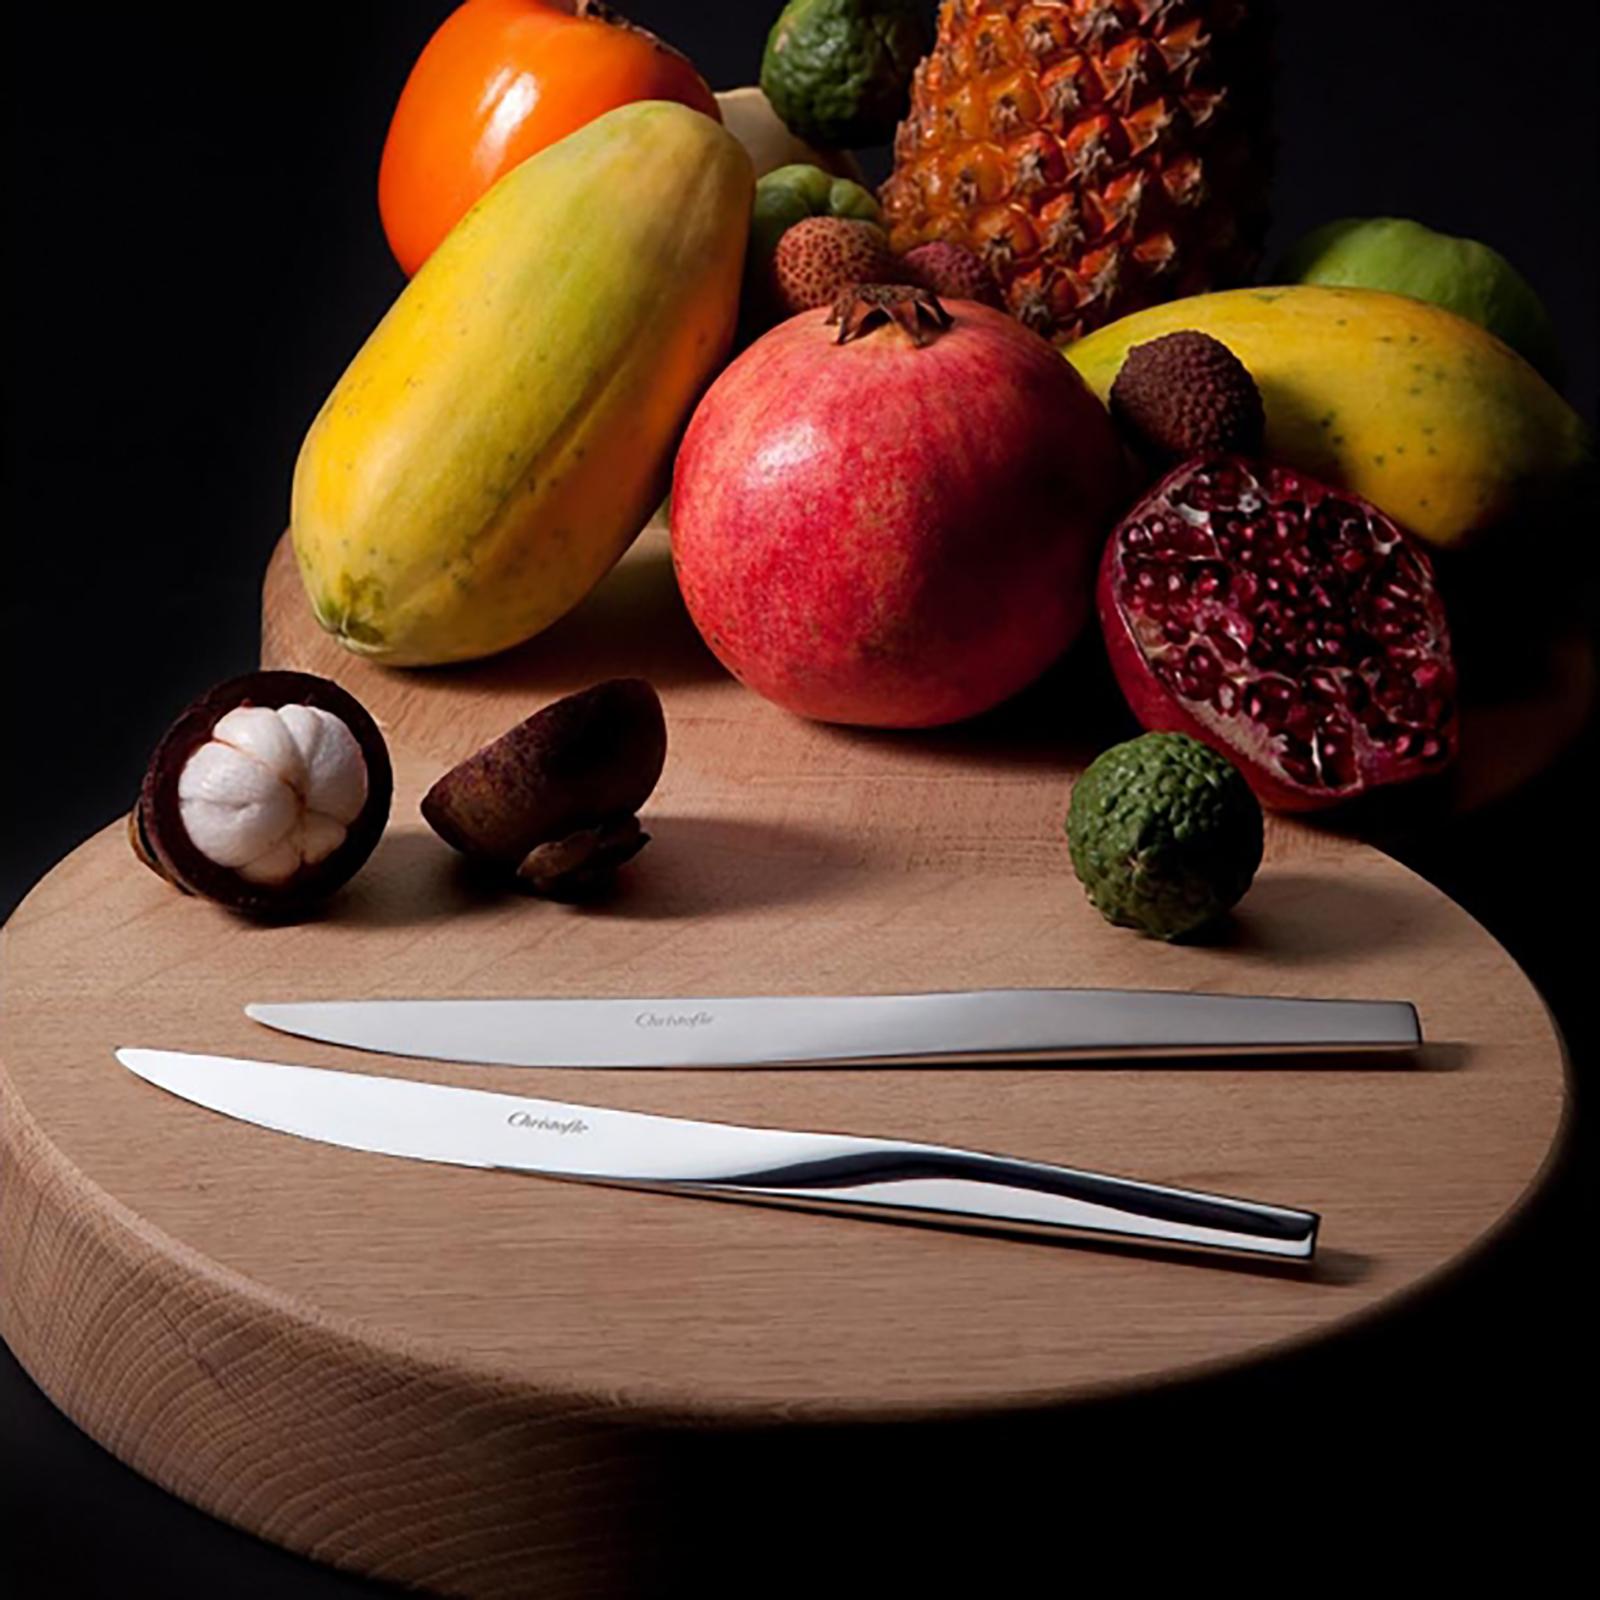 L'ÂME KNIFE